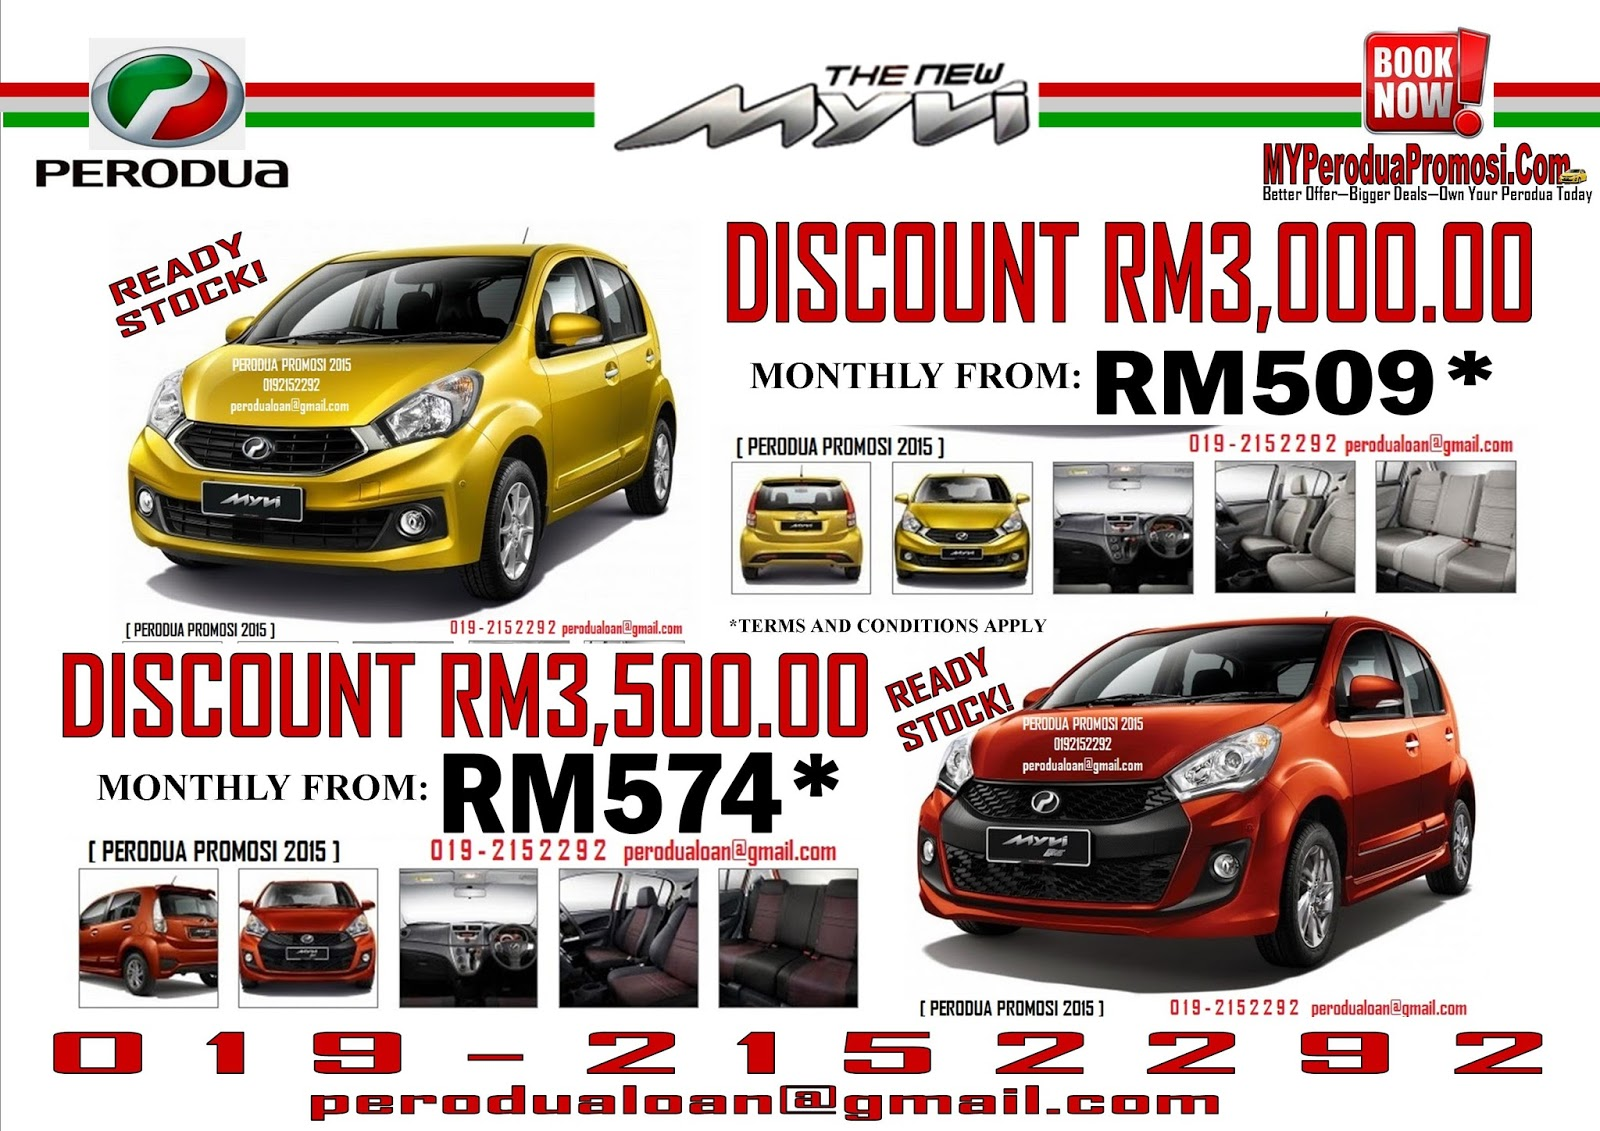 promotion mix of perodua